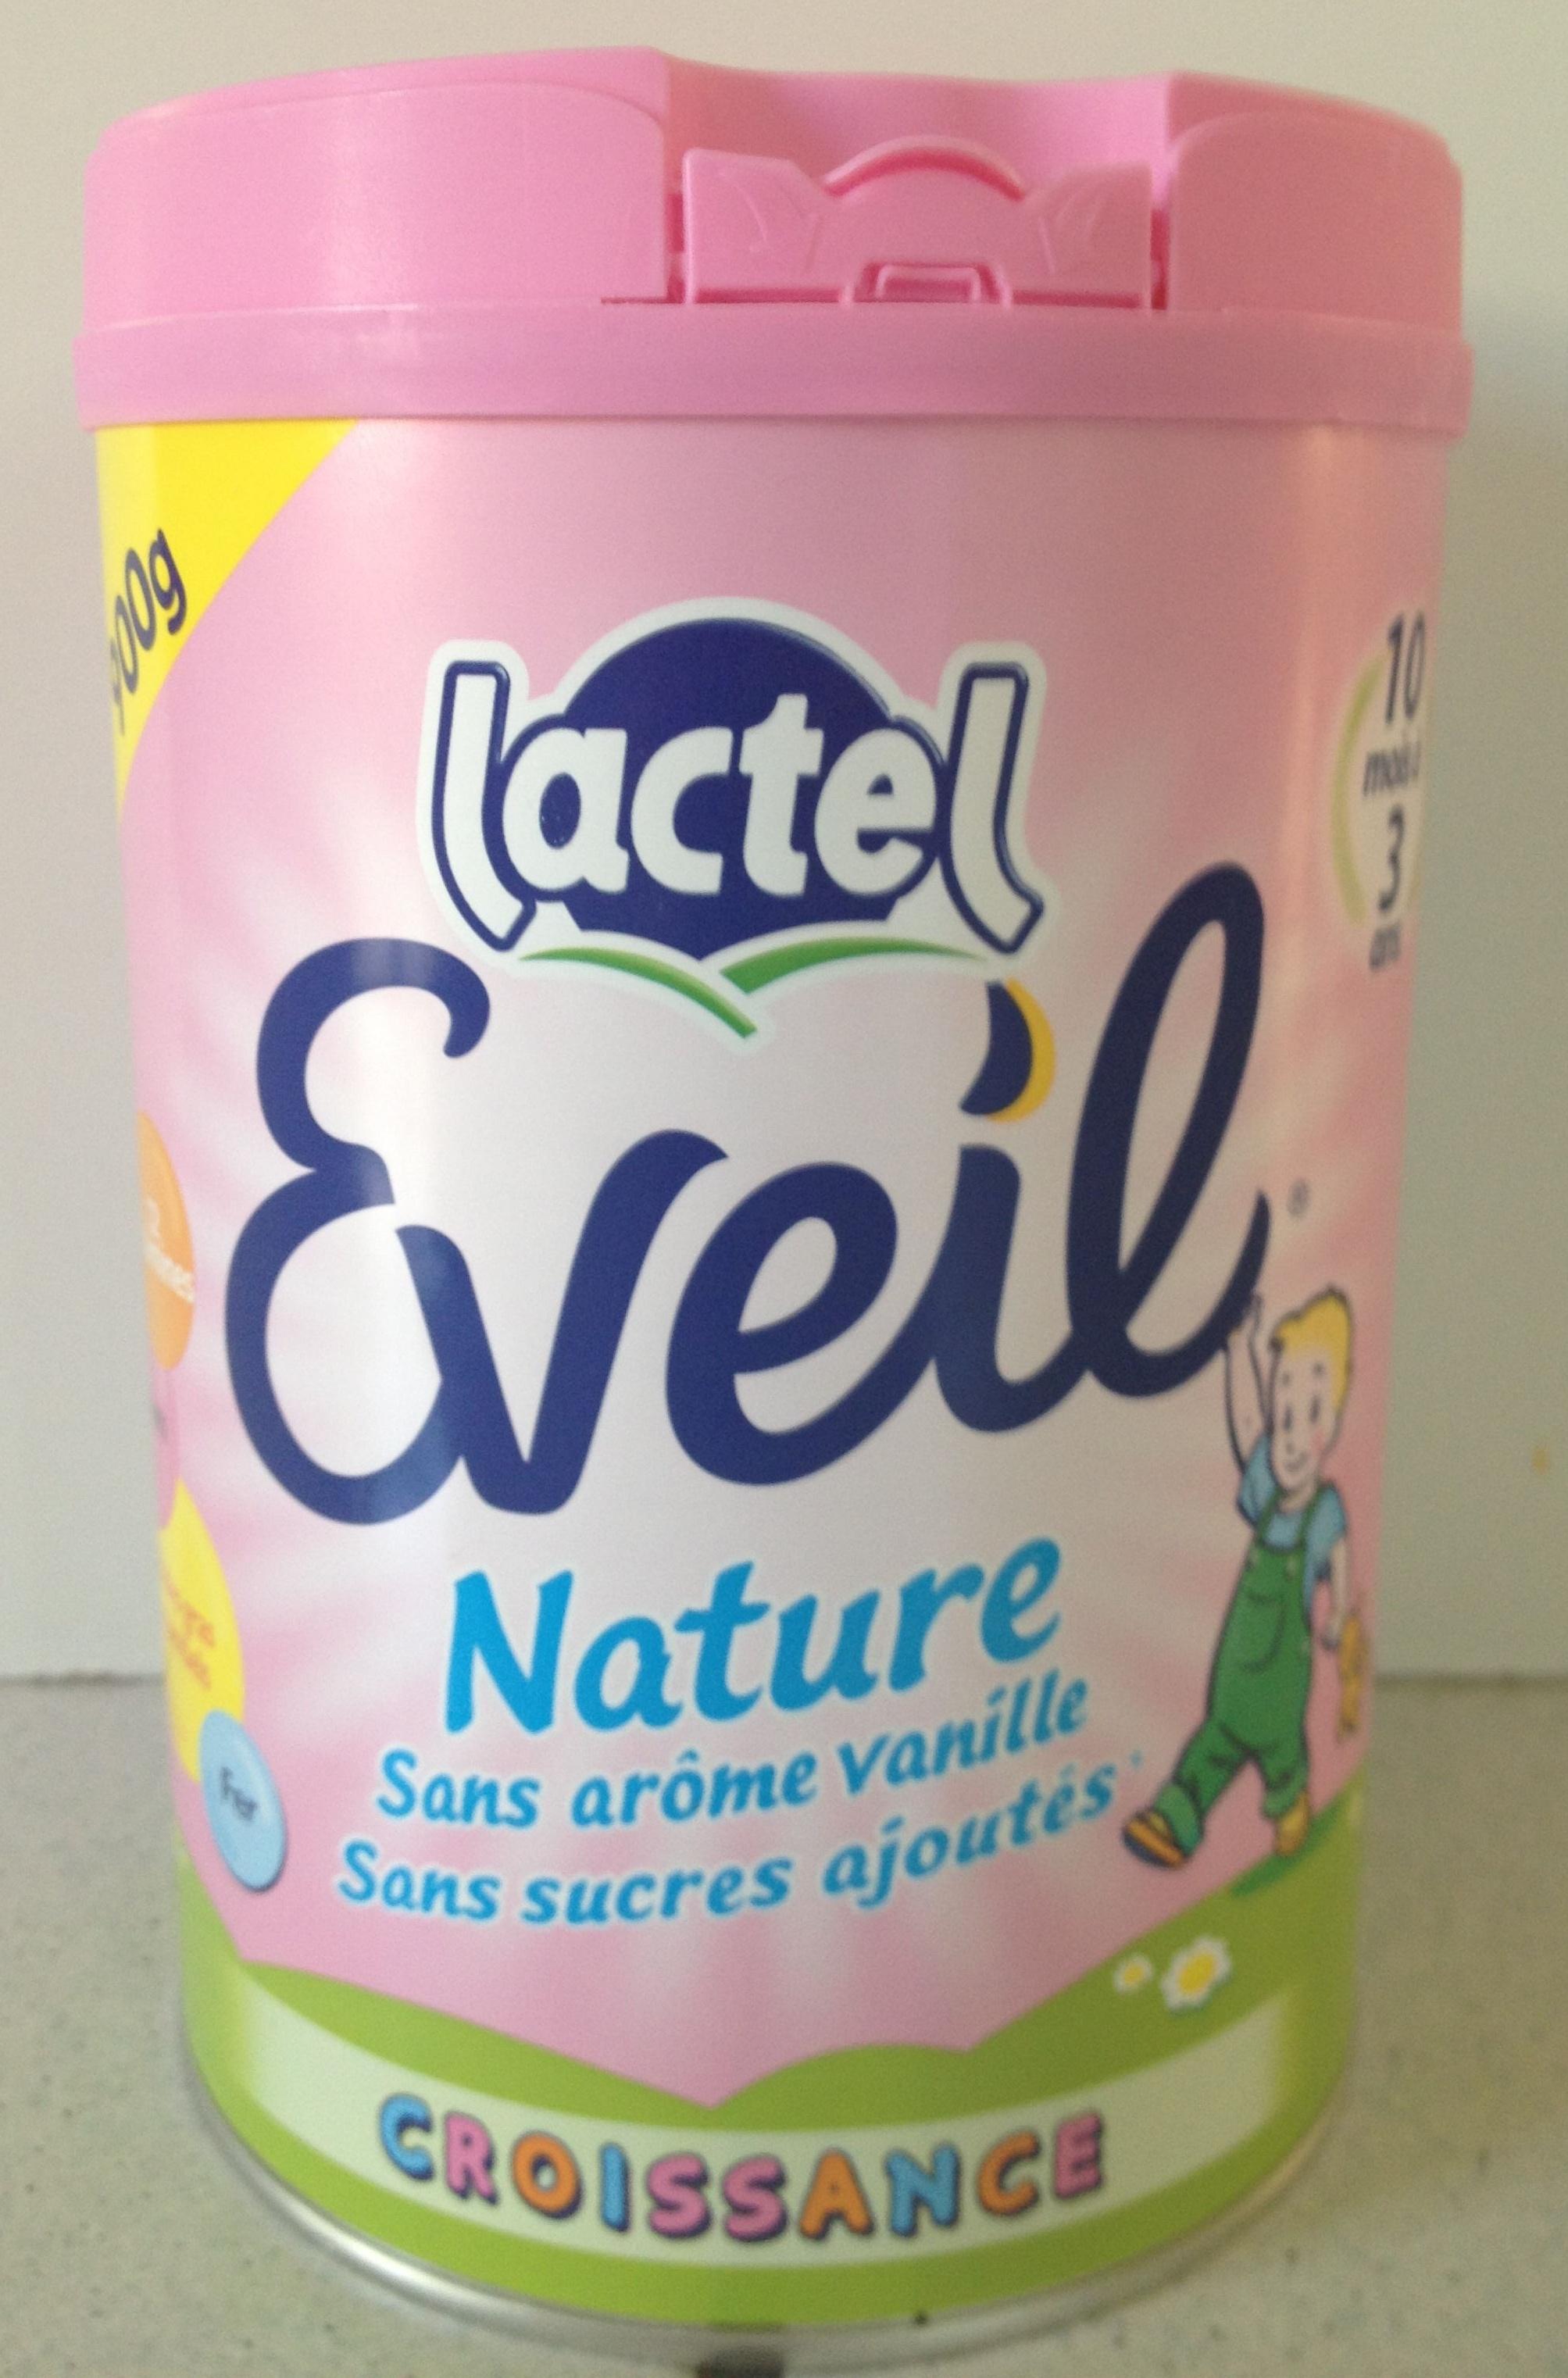 Eveil Nature - Produit - fr